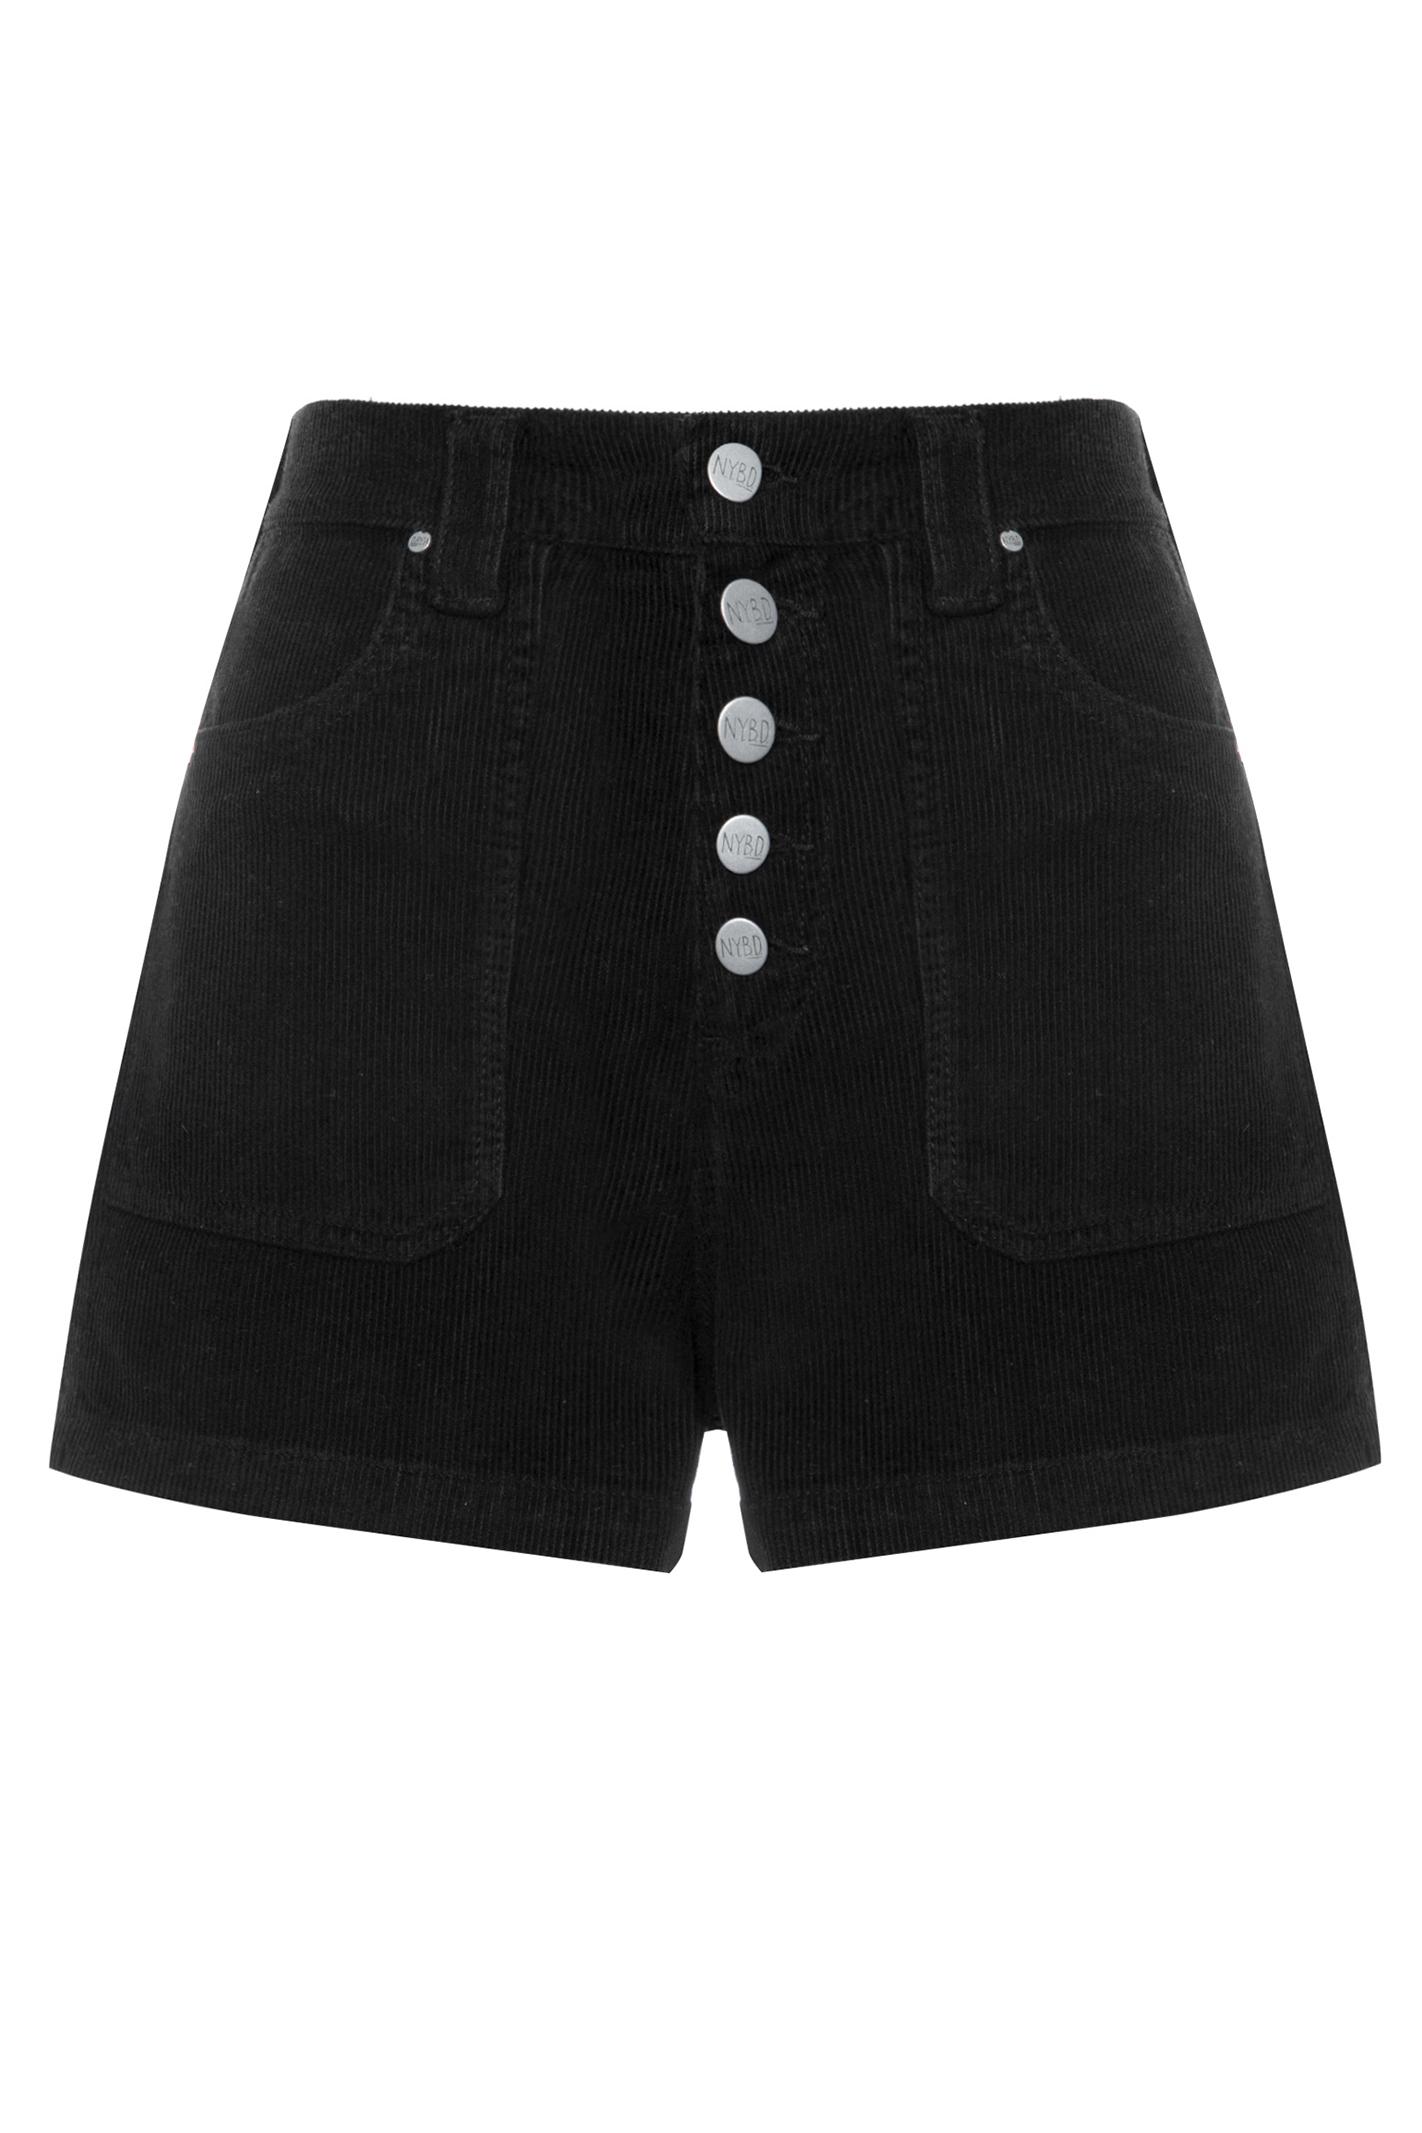 Shorts 5 Botões Veludo Preto